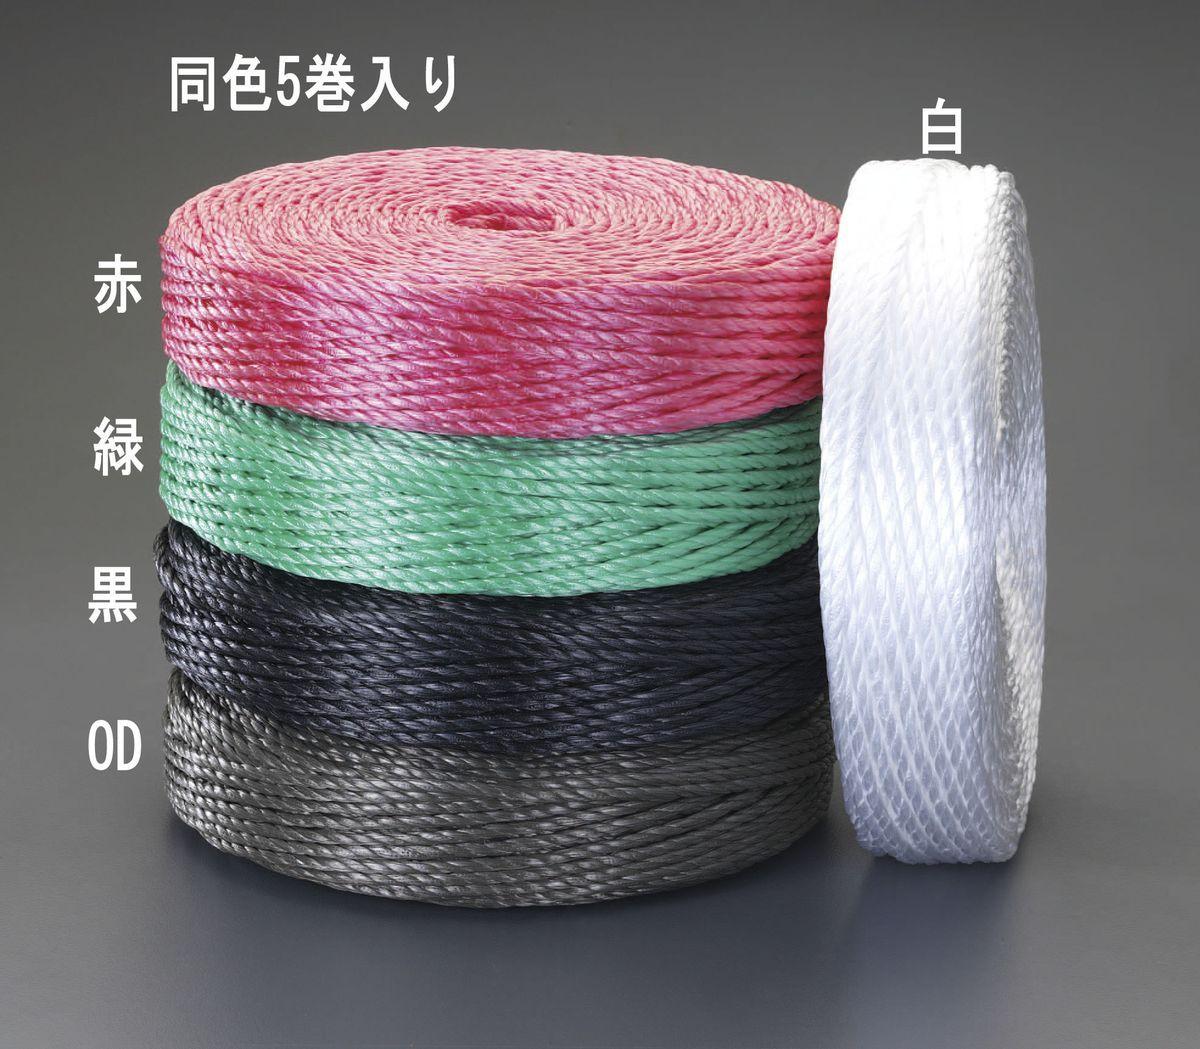 【メーカー在庫あり】 エスコ ESCO 6.0mmx200m PPロープ(黒/5巻) 000012087149 JP店